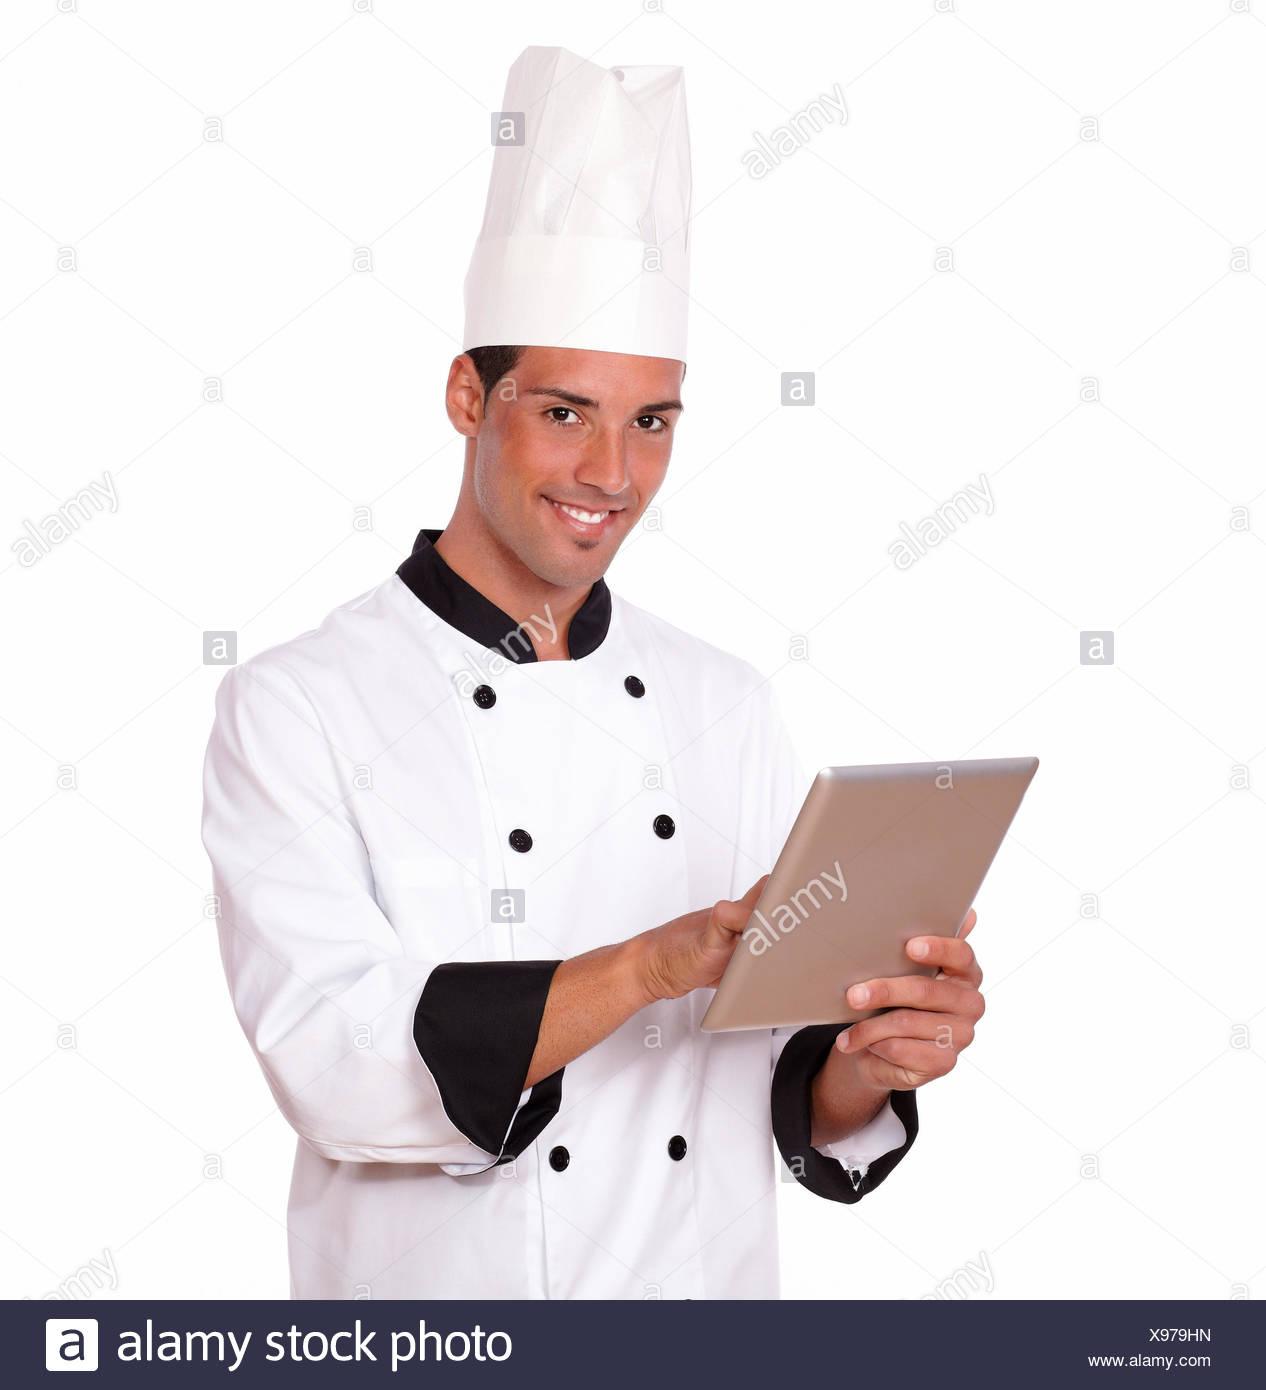 Ritratto di professional 20s chef uomo su bianco uniforme utilizzando il suo tablet pc mentre sorridente a voi su studio isolato. Immagini Stock